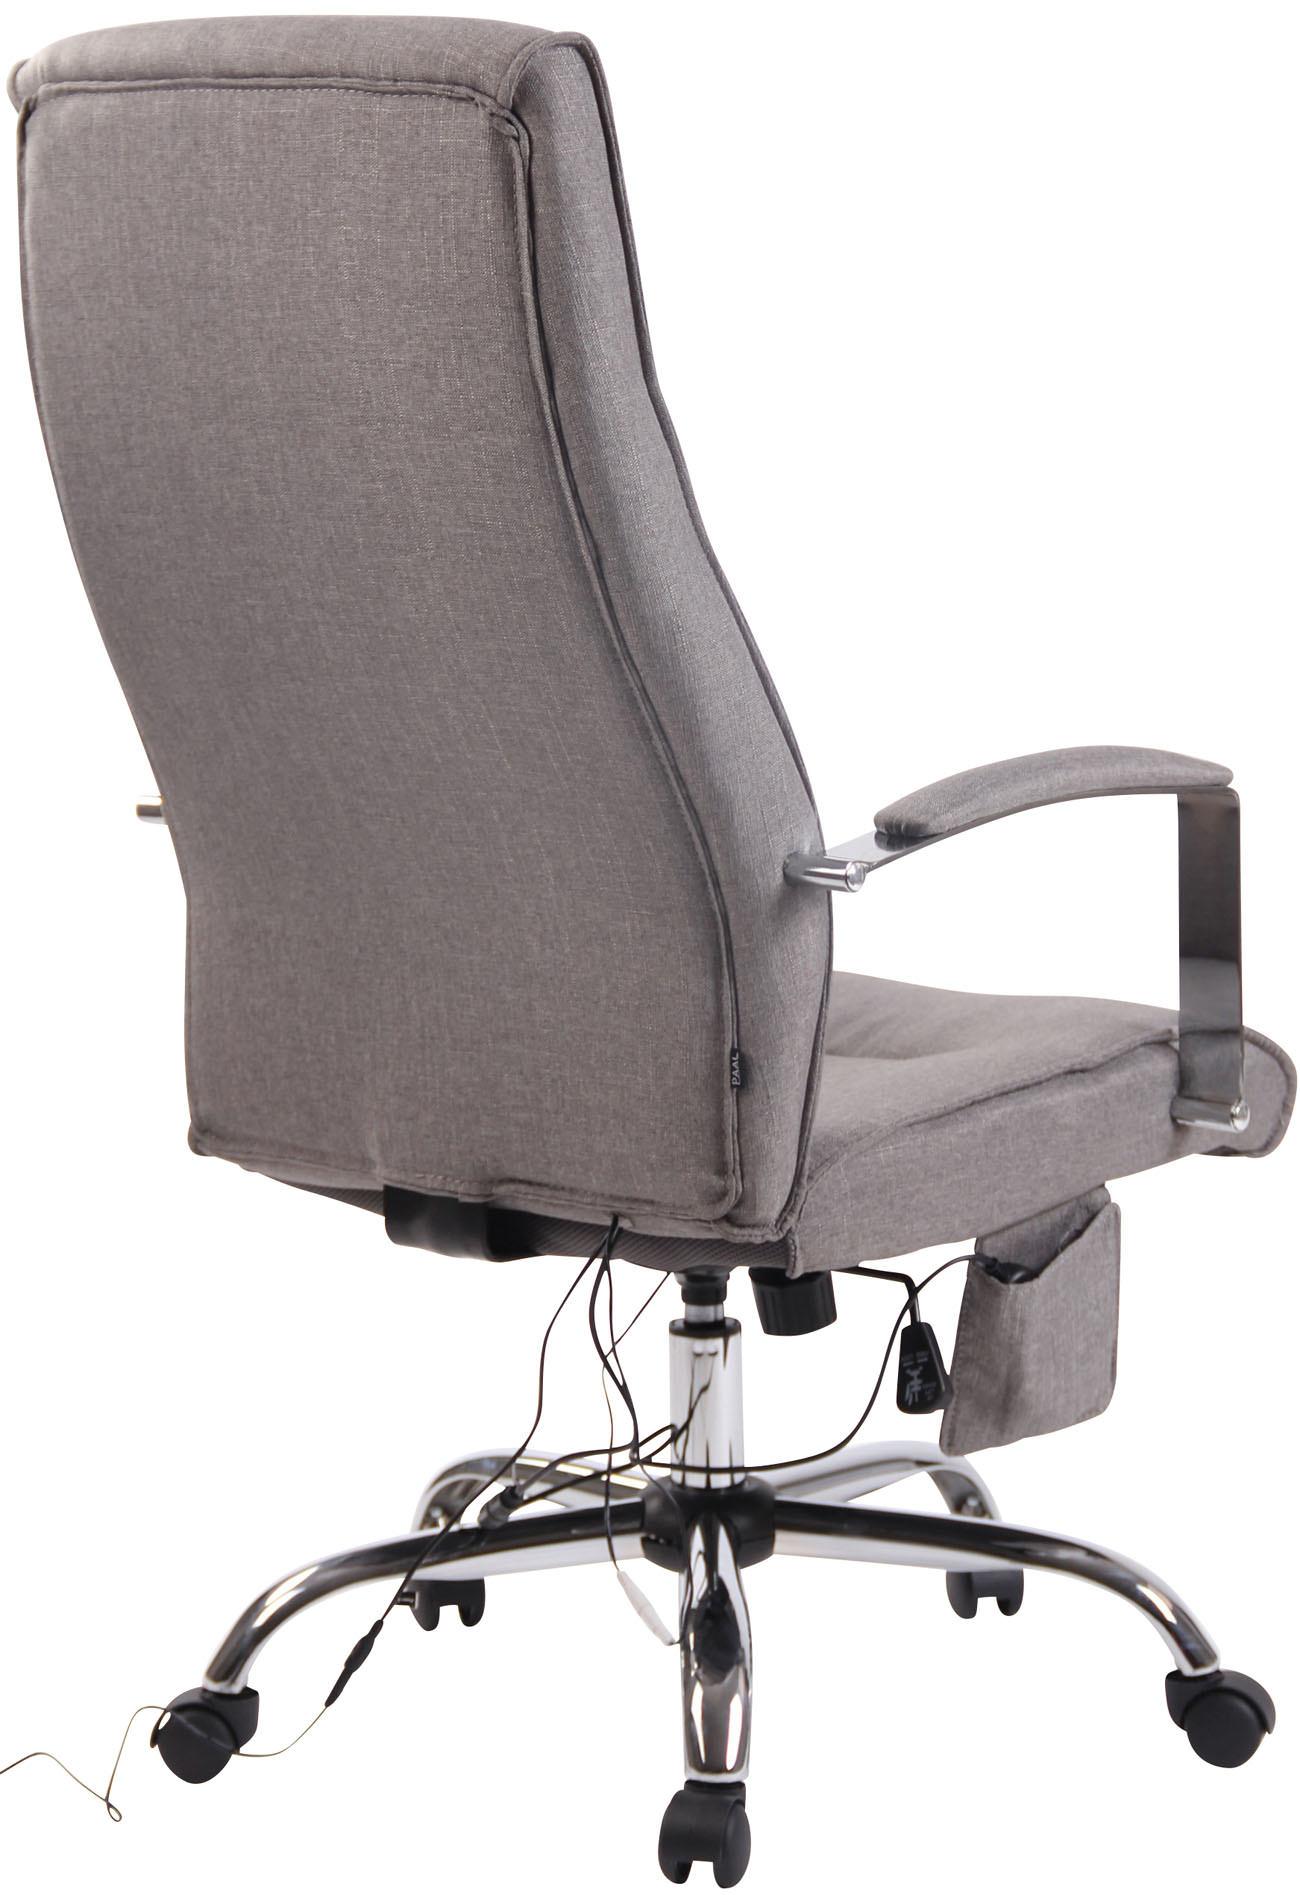 KantoormeubelenPlus Bureaustoel Bryne Stof met Massagefunctie